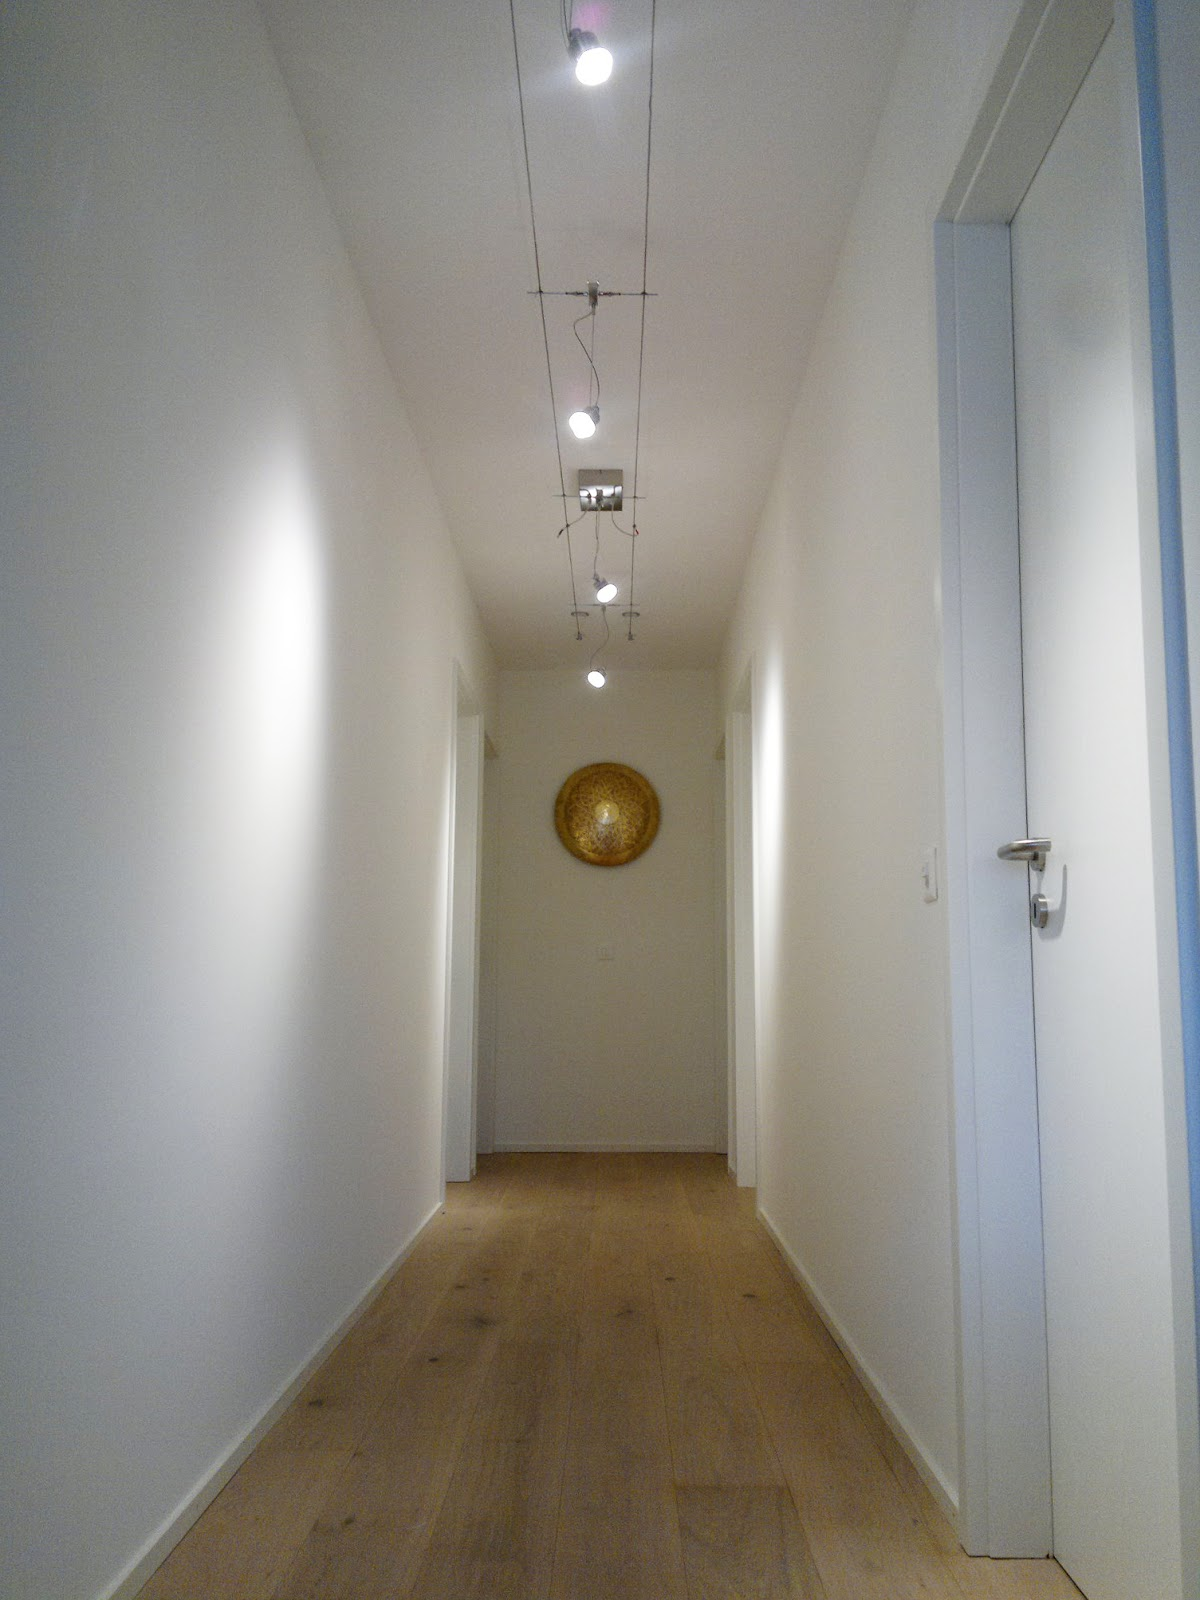 Abbassamento Soffitto Con Led: Soffitto cartongesso con led inside tagli di luce a.